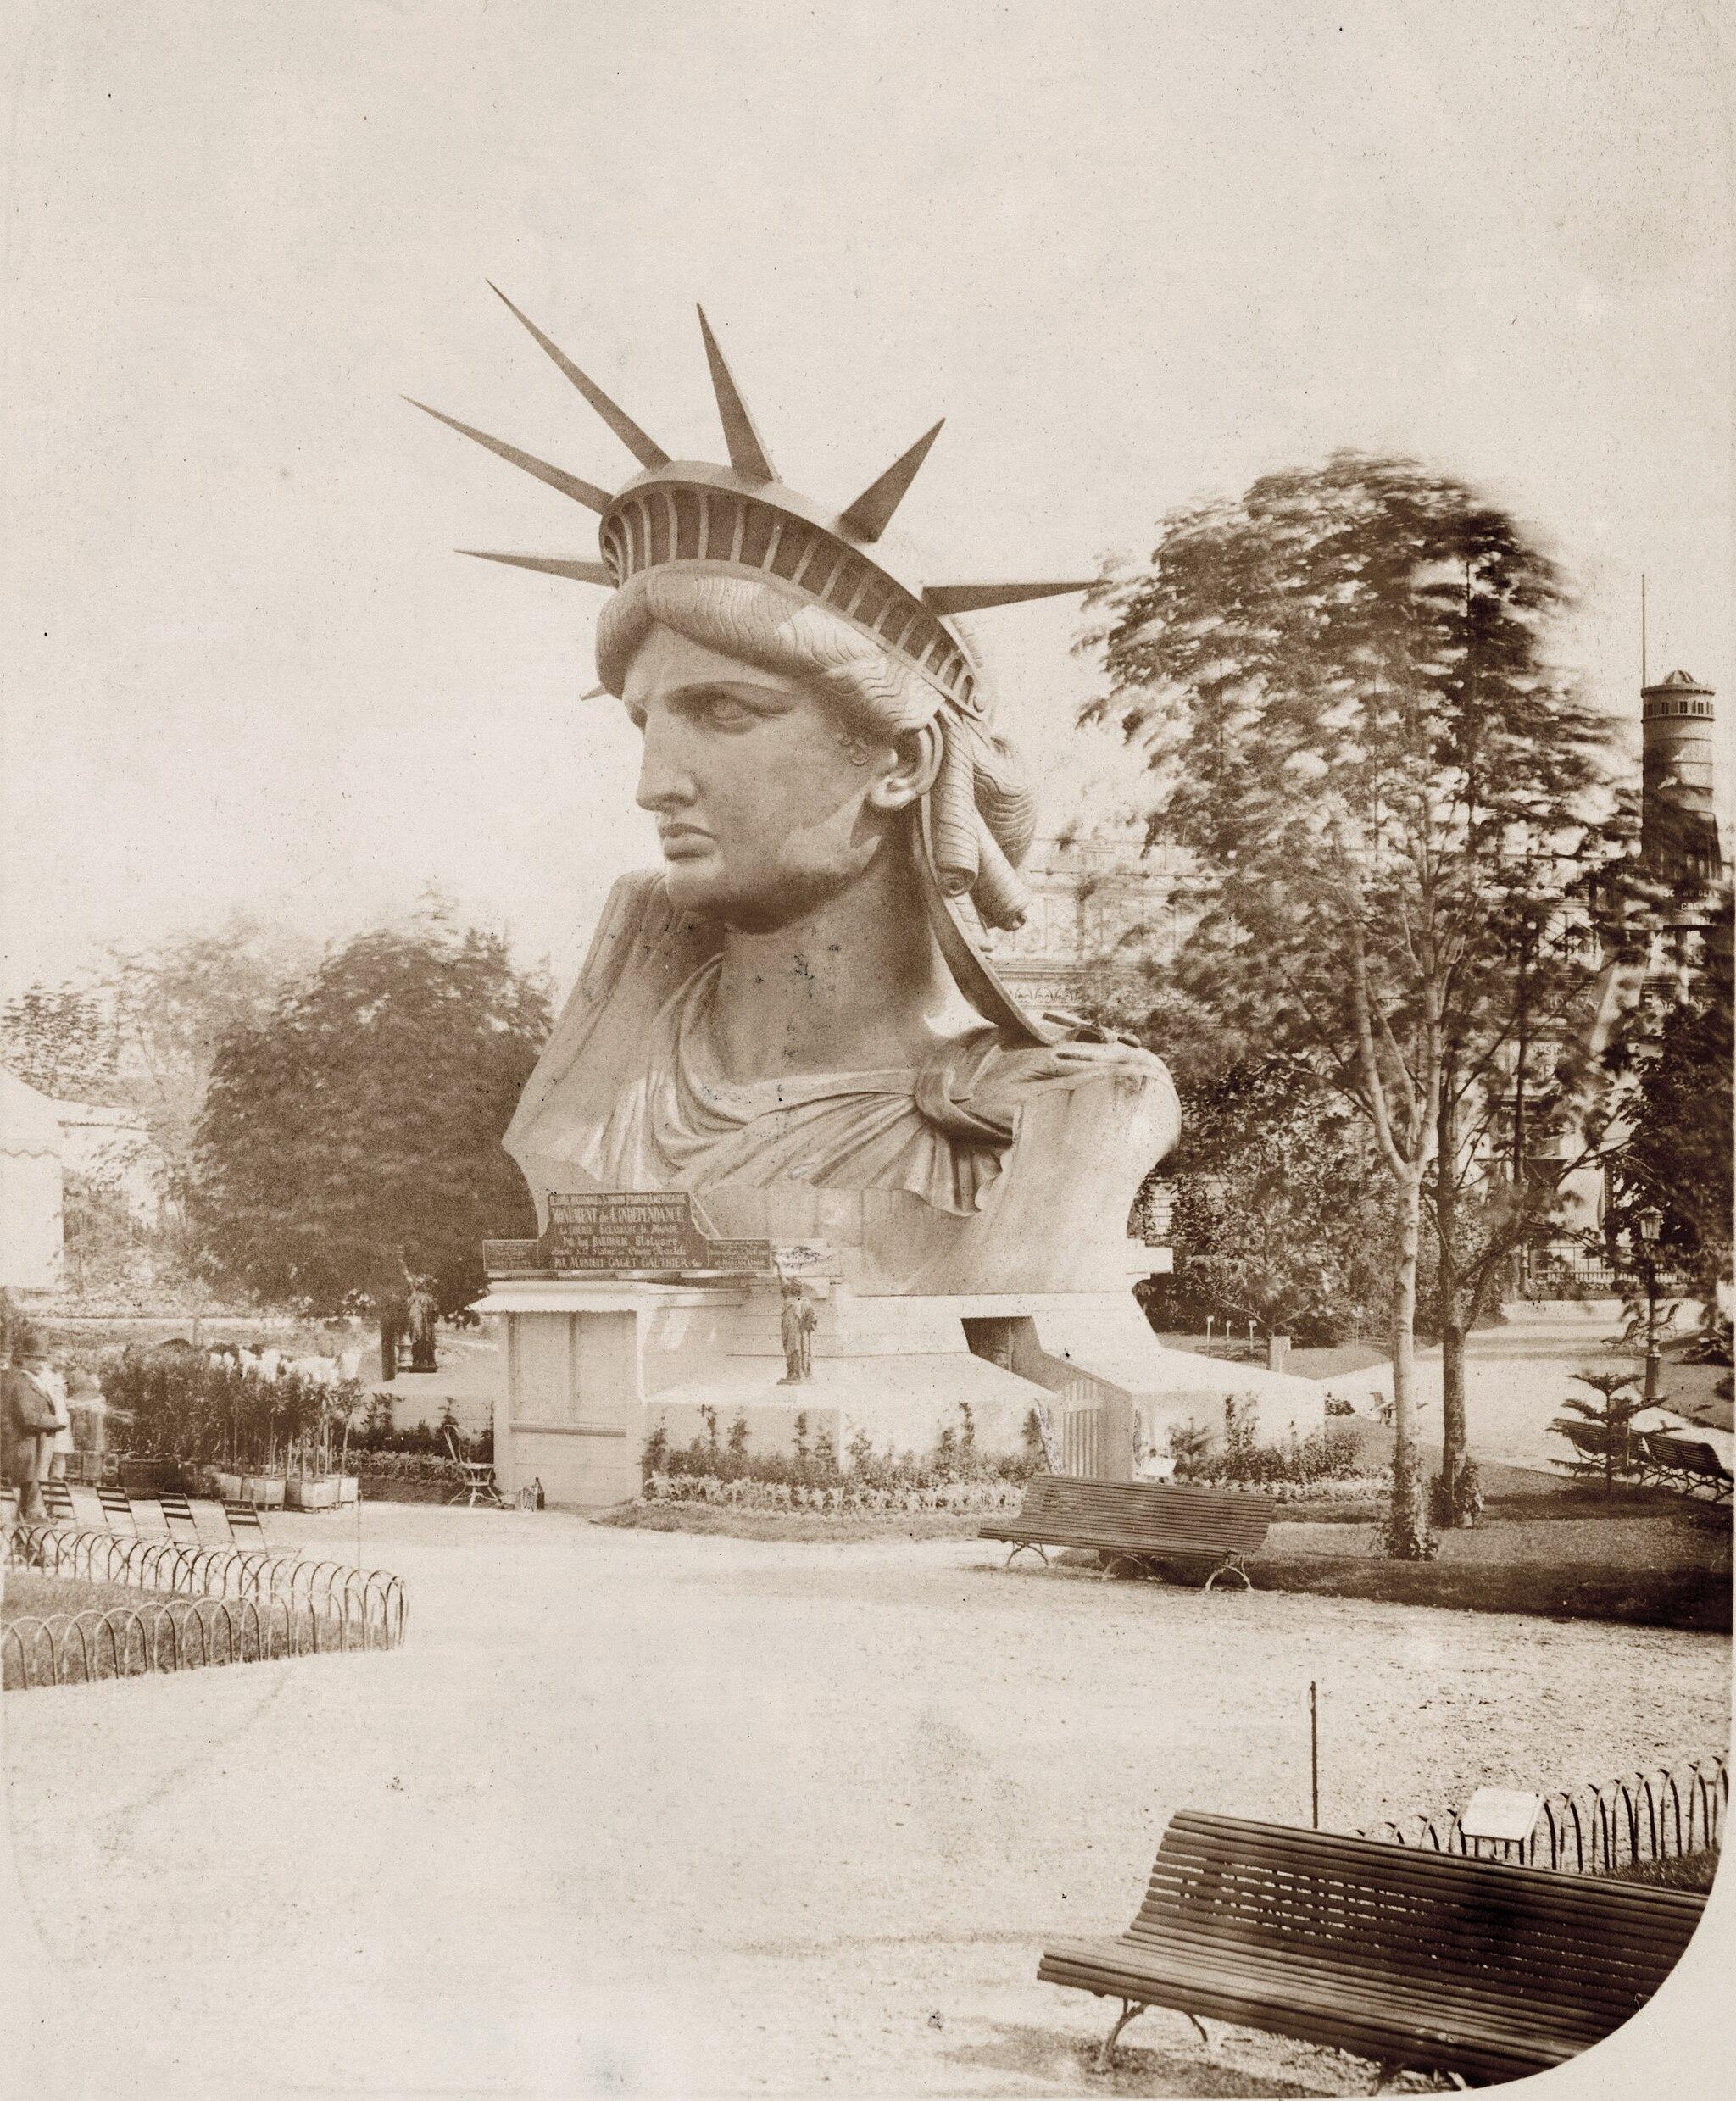 Pierre Petit,, Le buste de la Statue de la Liberté sur le Champ-de-Mars, 1878